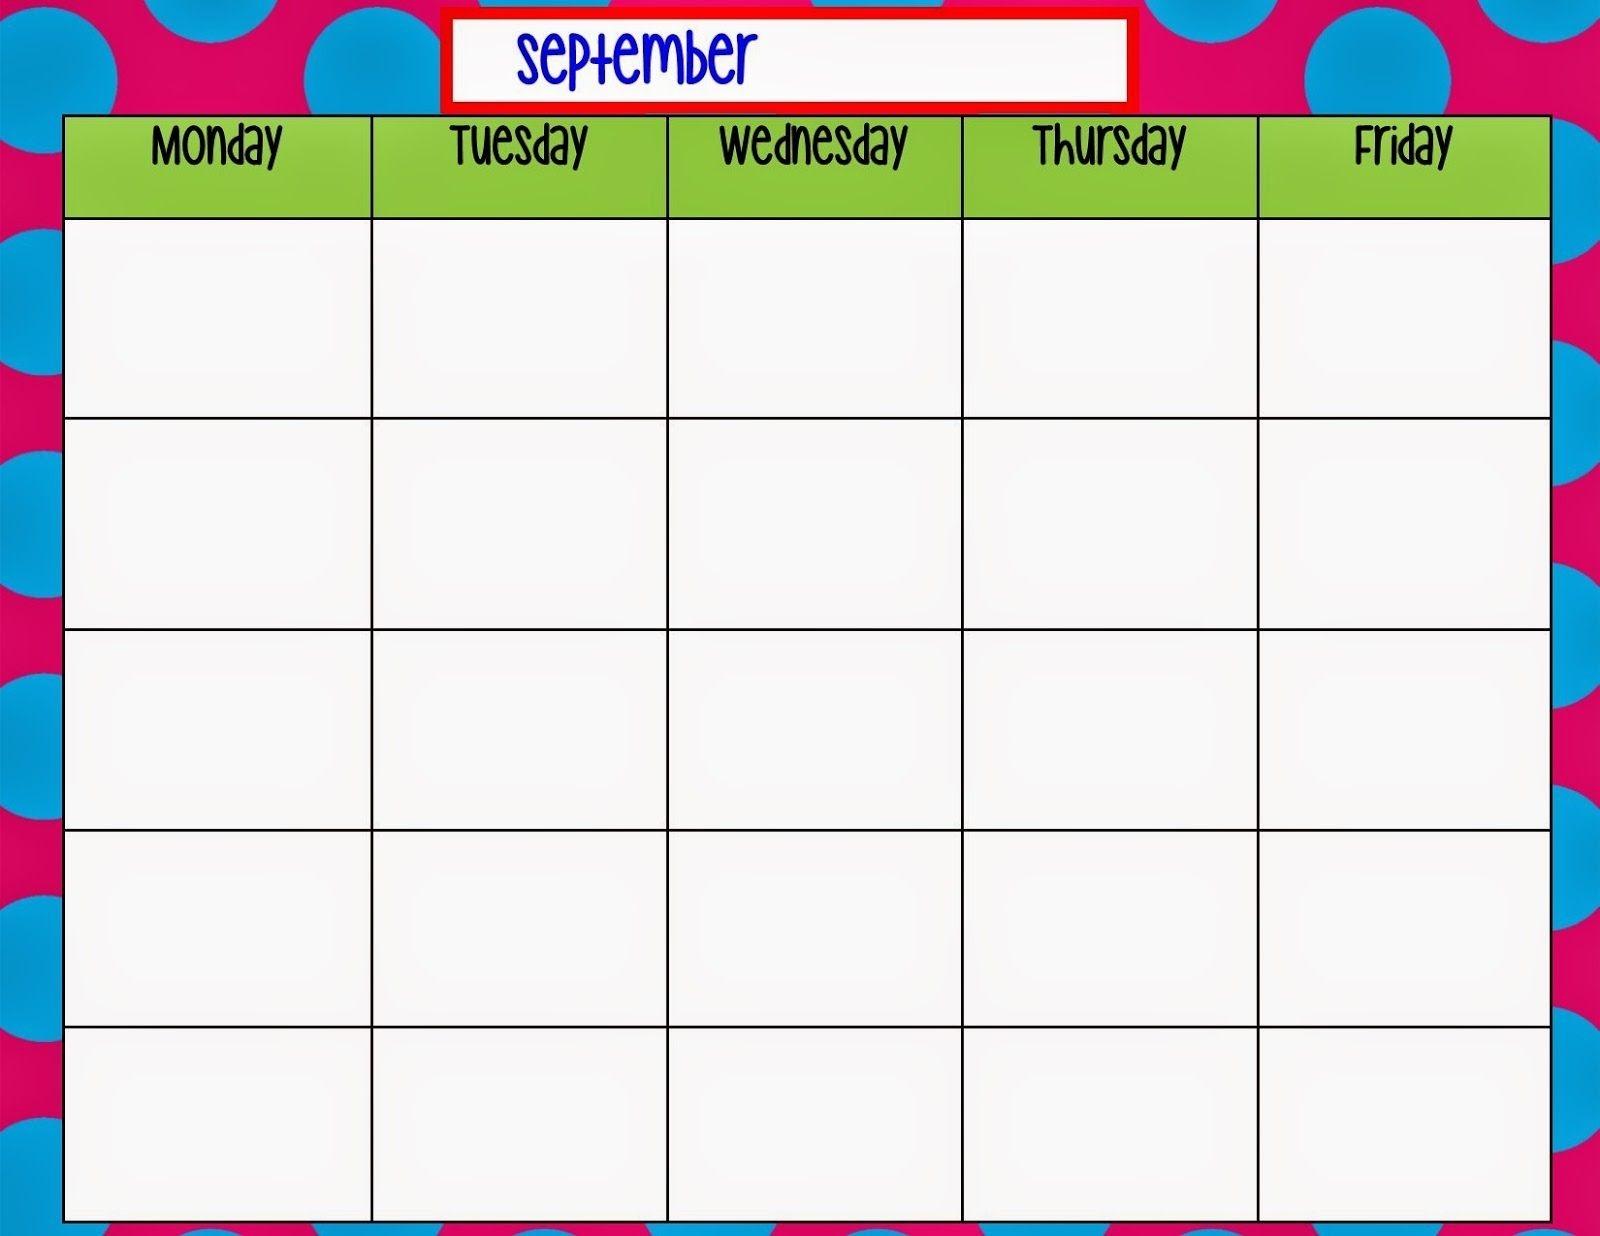 Monday Through Friday Calendar Template | Preschool | Weekly-Monday Friday Calendar Template Printable